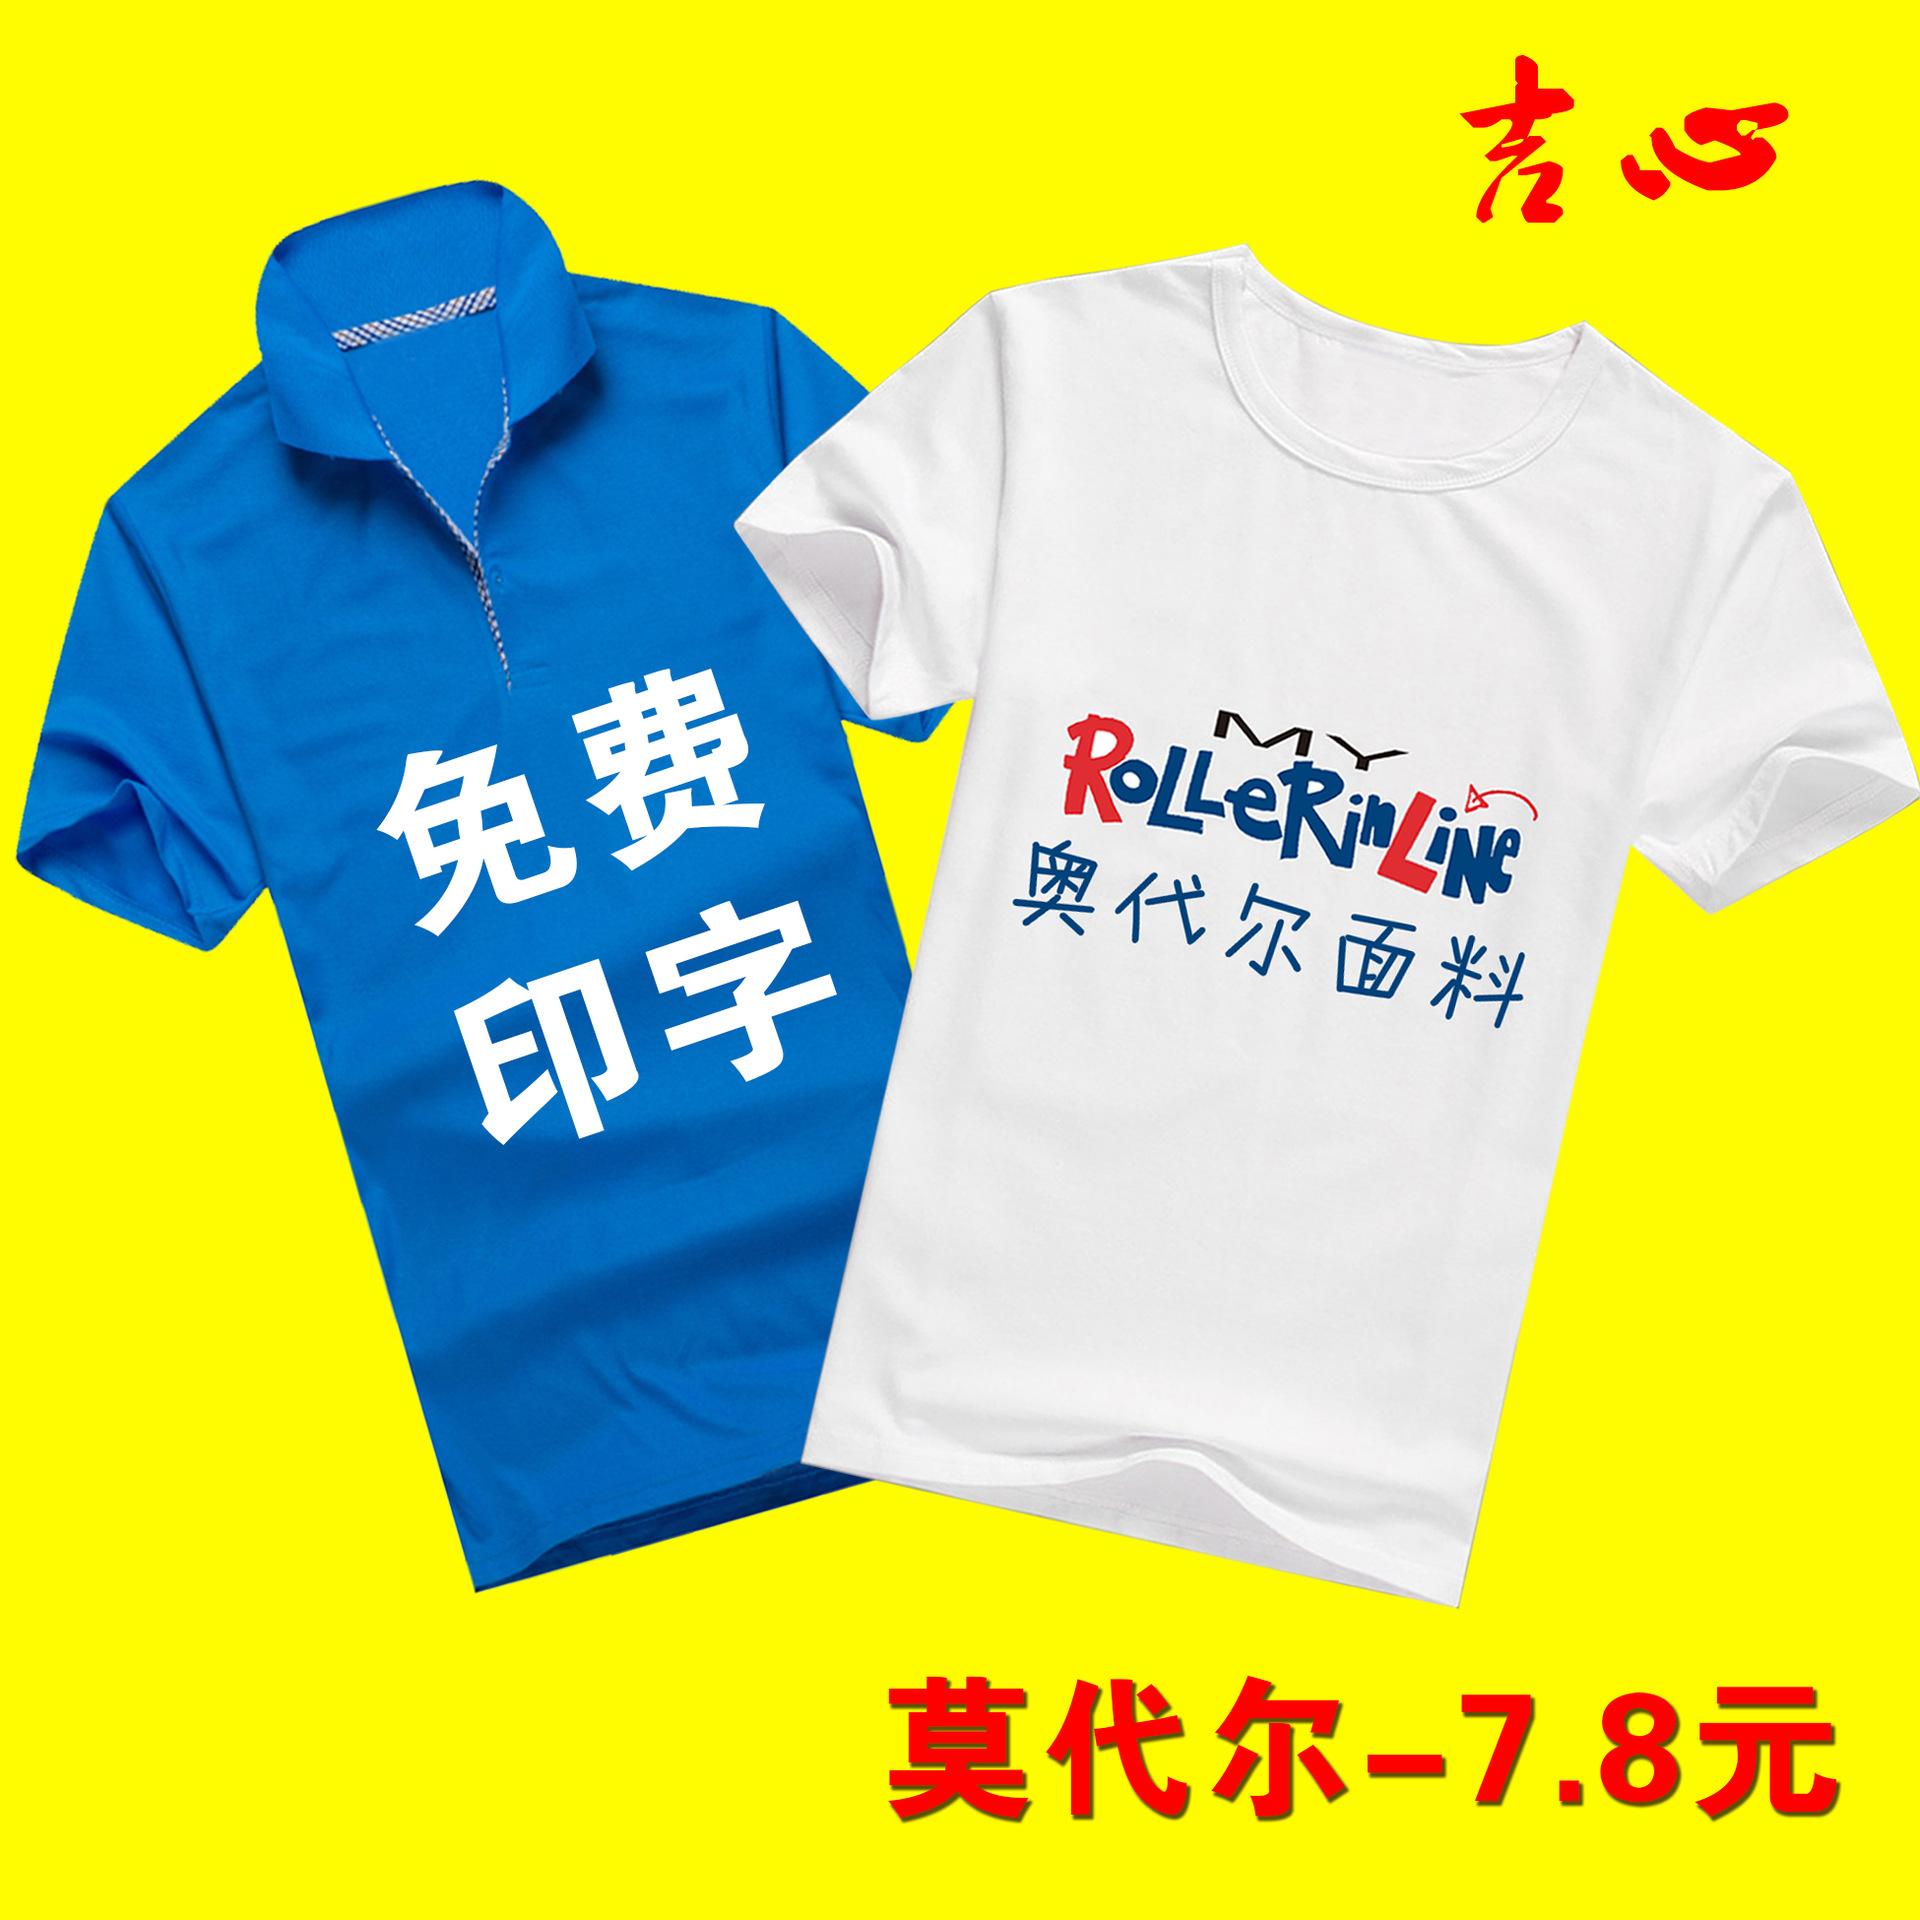 奥代尔男式t恤  空白纯色棉莱卡棉圆领文化衫  diy广告T恤定制